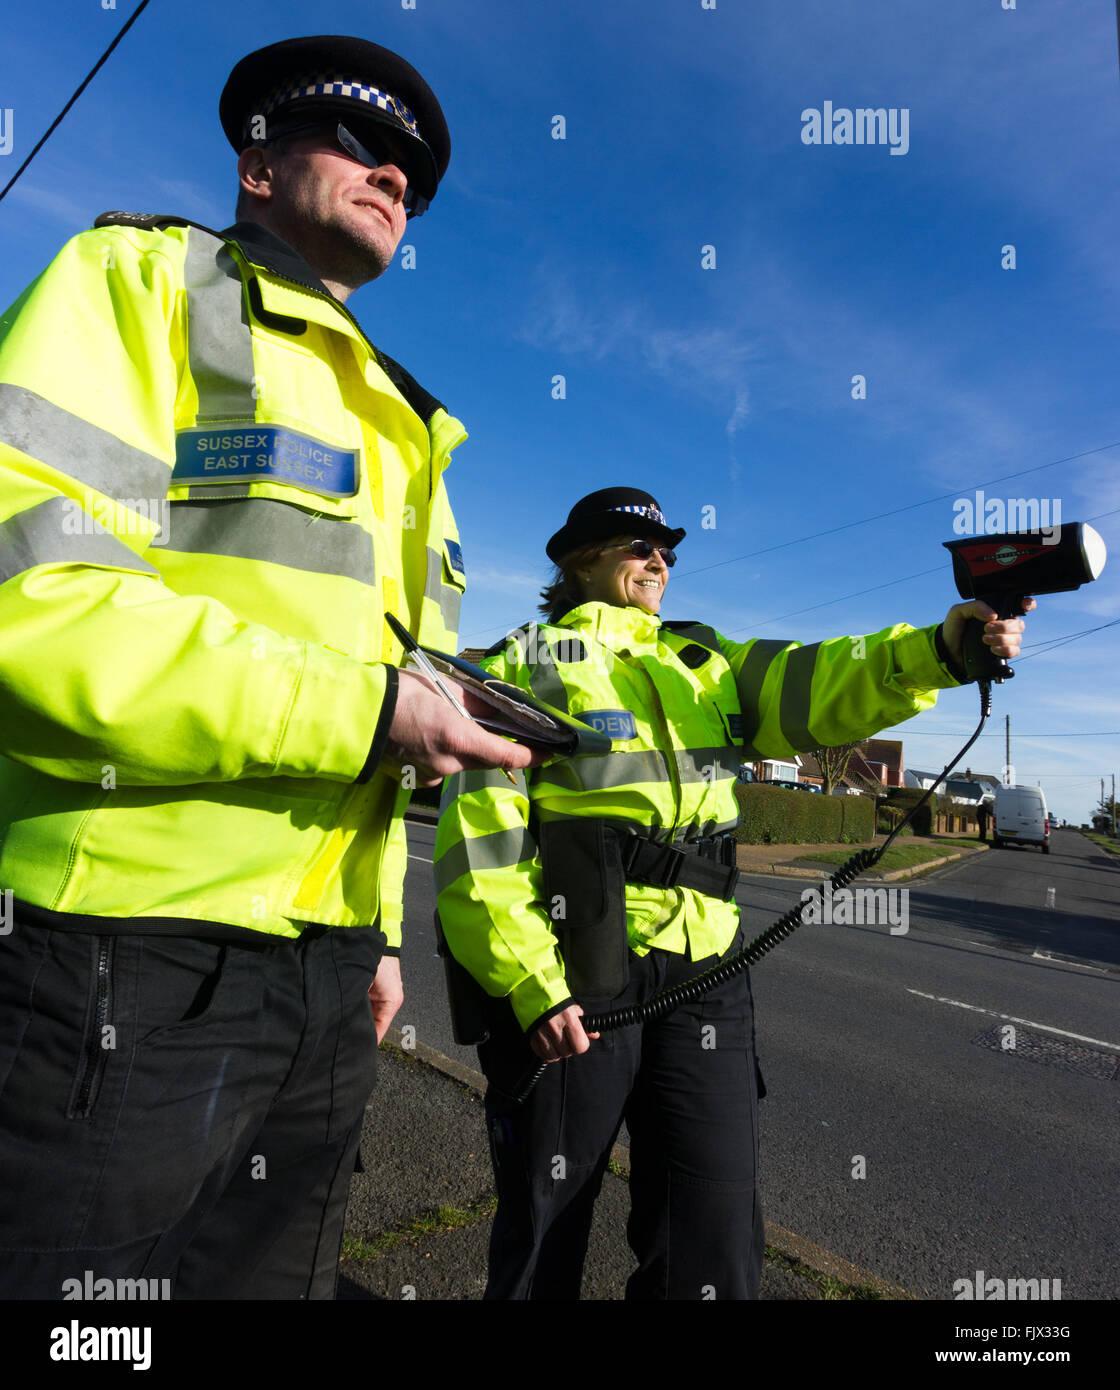 Les agents de police britannique d'effectuer des contrôles de vitesse Photo Stock